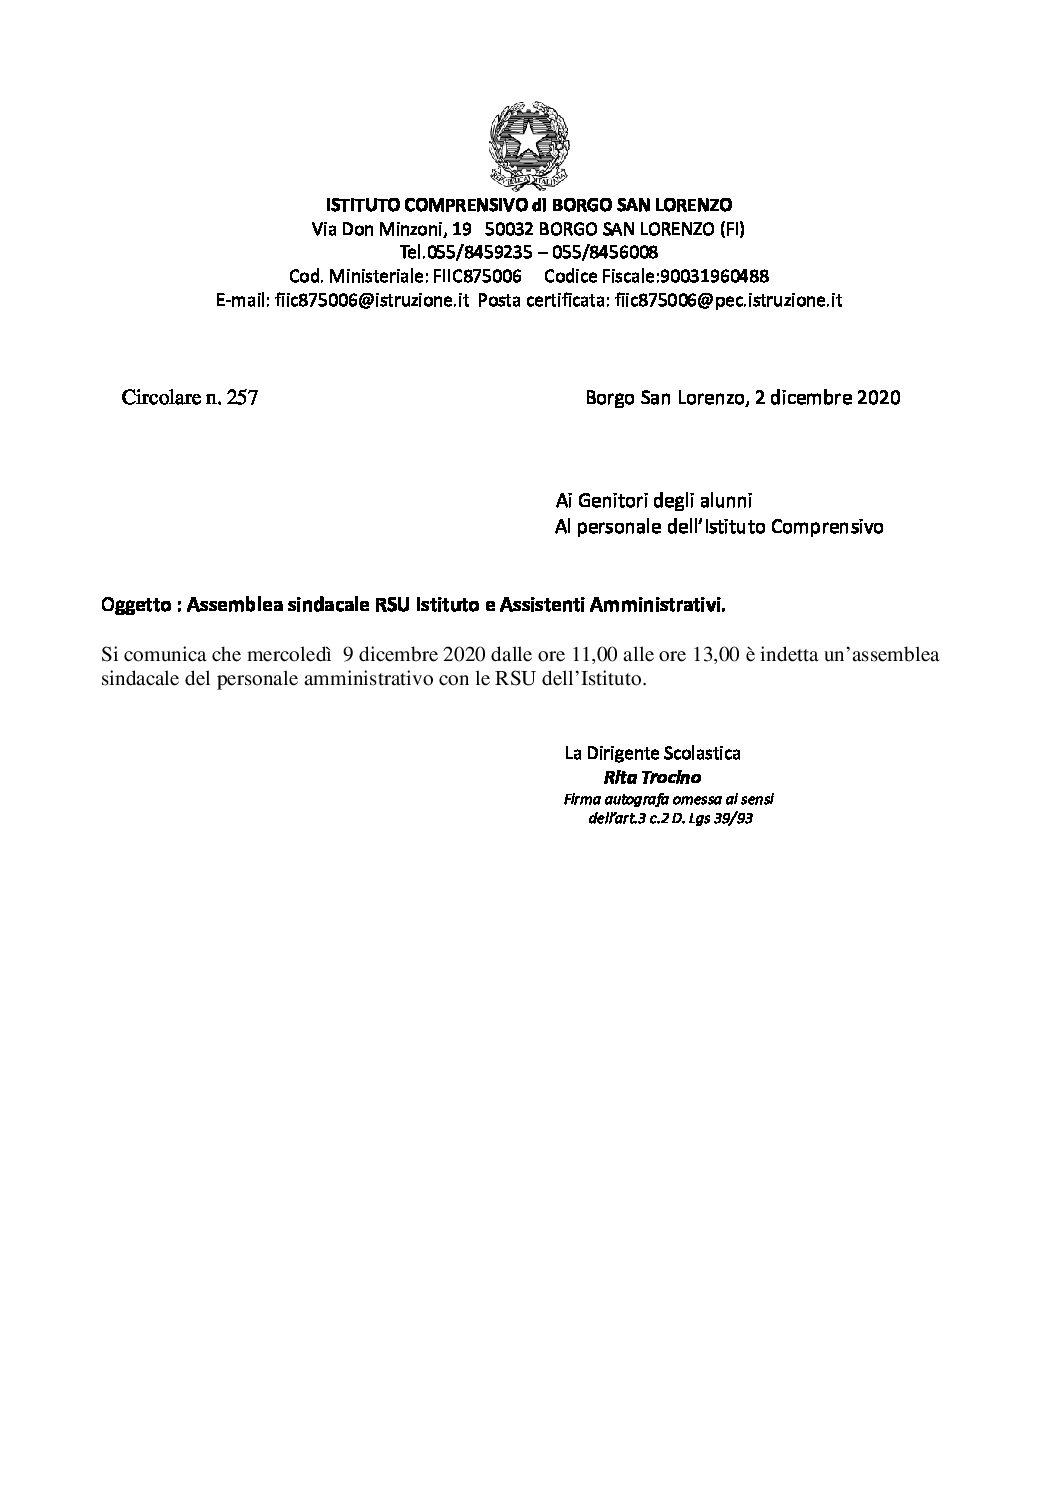 Assemblea sindacale RSU d'Istituto e Assistenti Amministrativi.